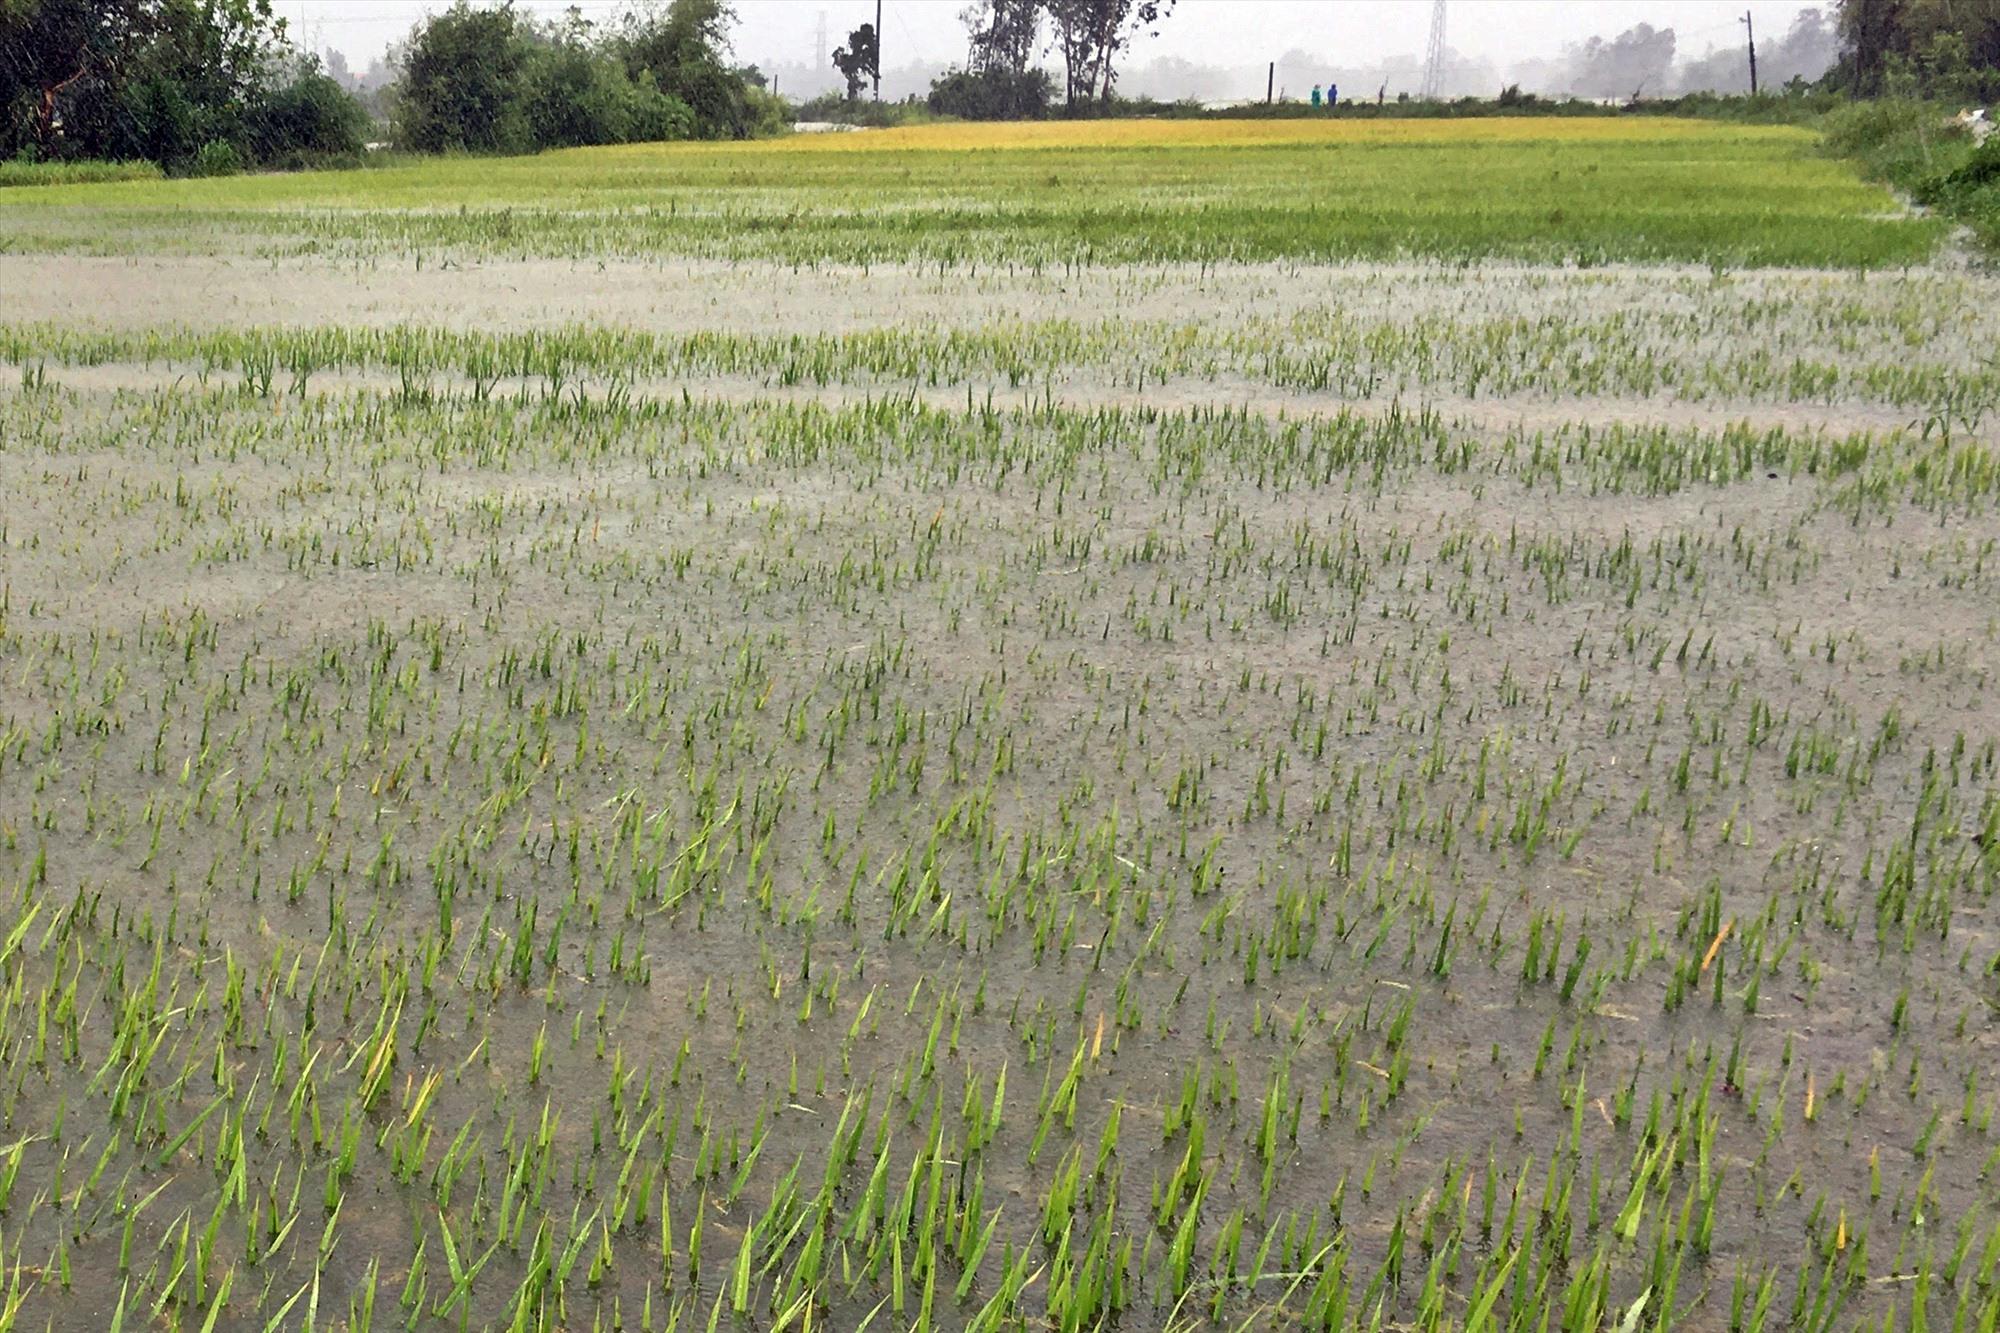 Mưa to đã khiến gần 300ha lúa ở pHú Ninh bị ngập, 150ha có nguy cơ mất trắng. Ảnh: Đ.C